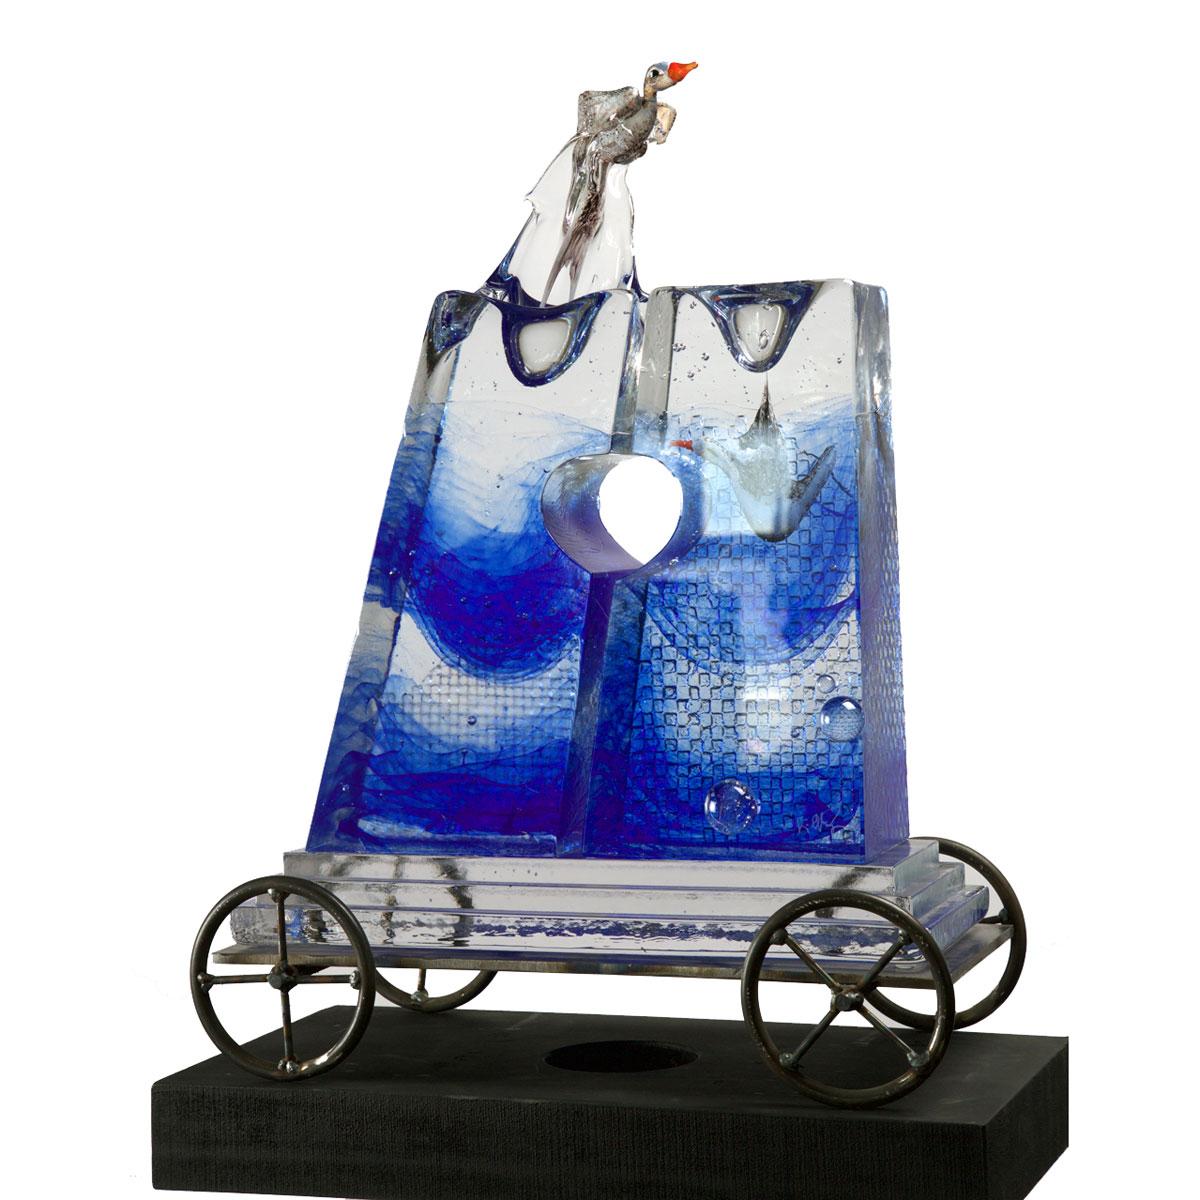 Kosta Boda Kjell Engman Split Water Limited Edition of 1 Piece